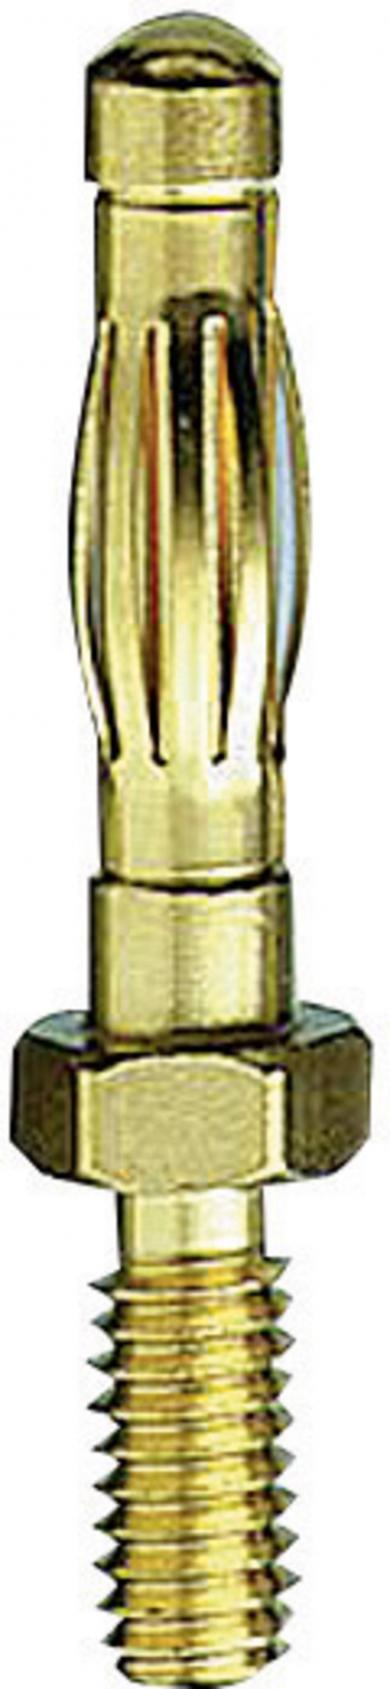 Mufă banană cu lamelă 22.1053, Ø pin 4 mm, 50 A, conexiune prin şurub